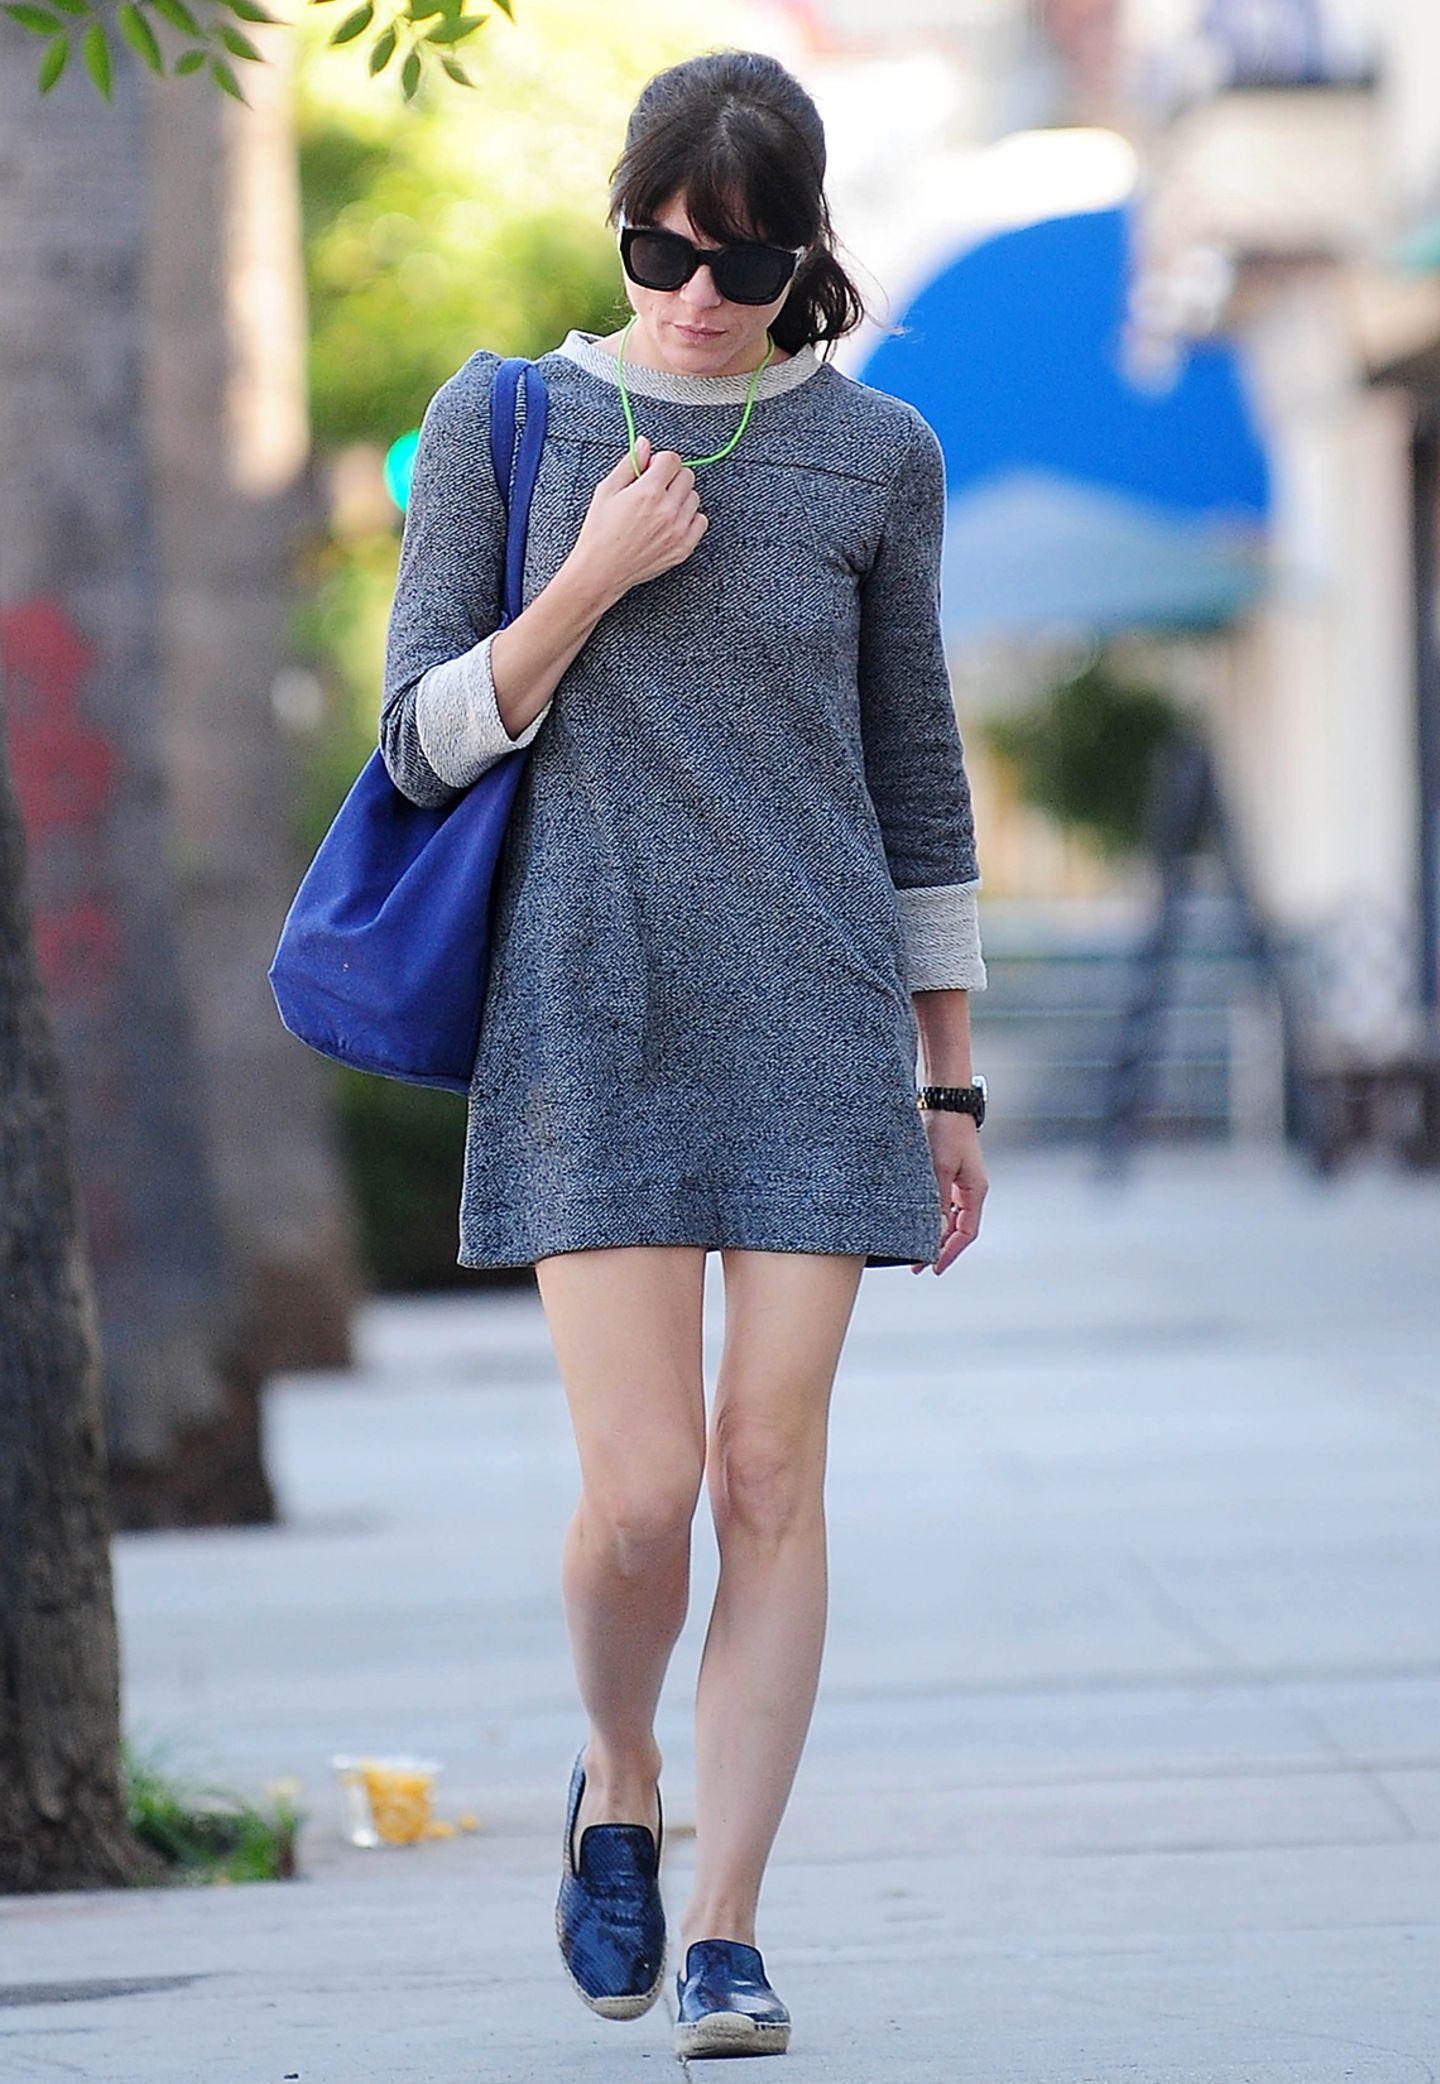 Selma Blair nimmt man gerne ab, dass sie sich in ihrer Freizeit gerne in gemütliche Outfits begibt. Damit beweist die 42-Jährige Schauspielerin, dass stylishe Looks sehr komfortabel sein können!